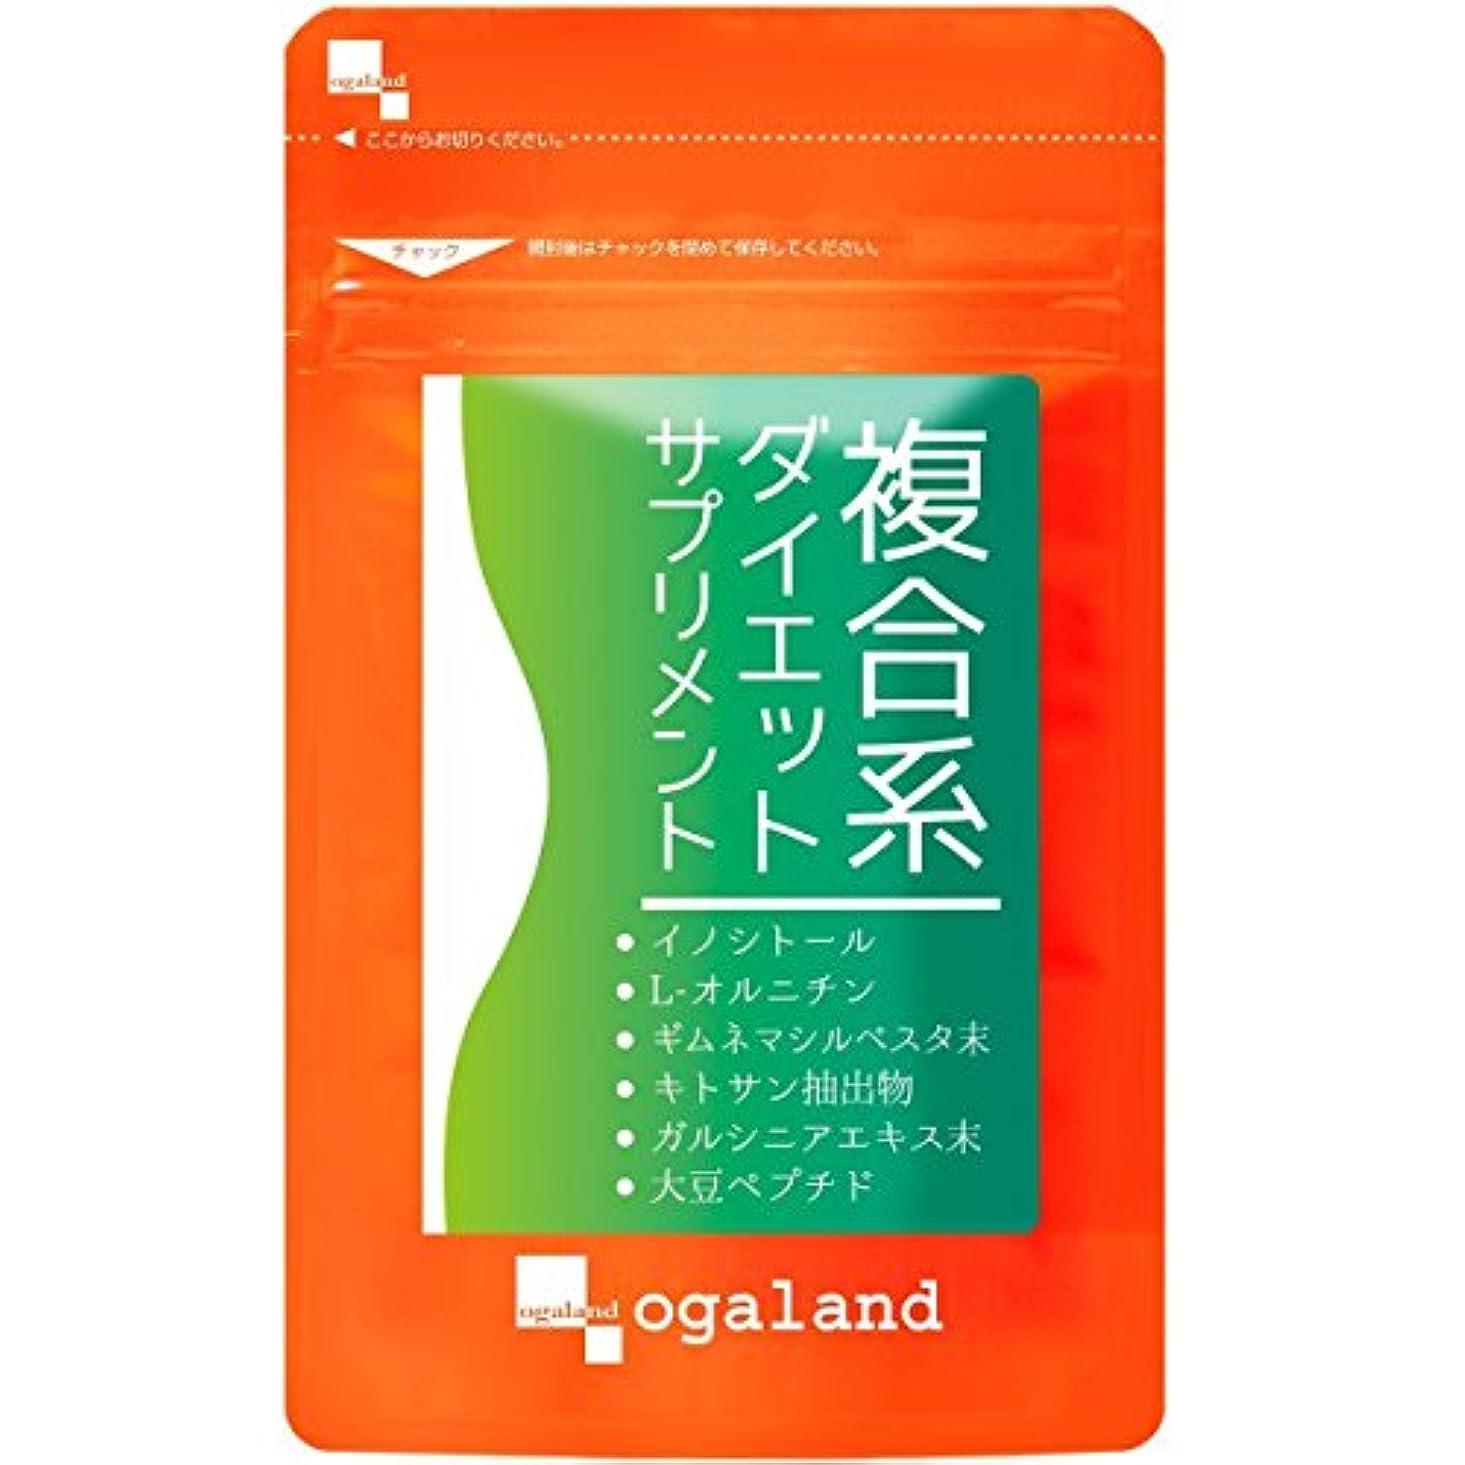 ボウリングジャンプする農業【Amazon.co.jp限定】複合系ダイエットサプリメント 90粒